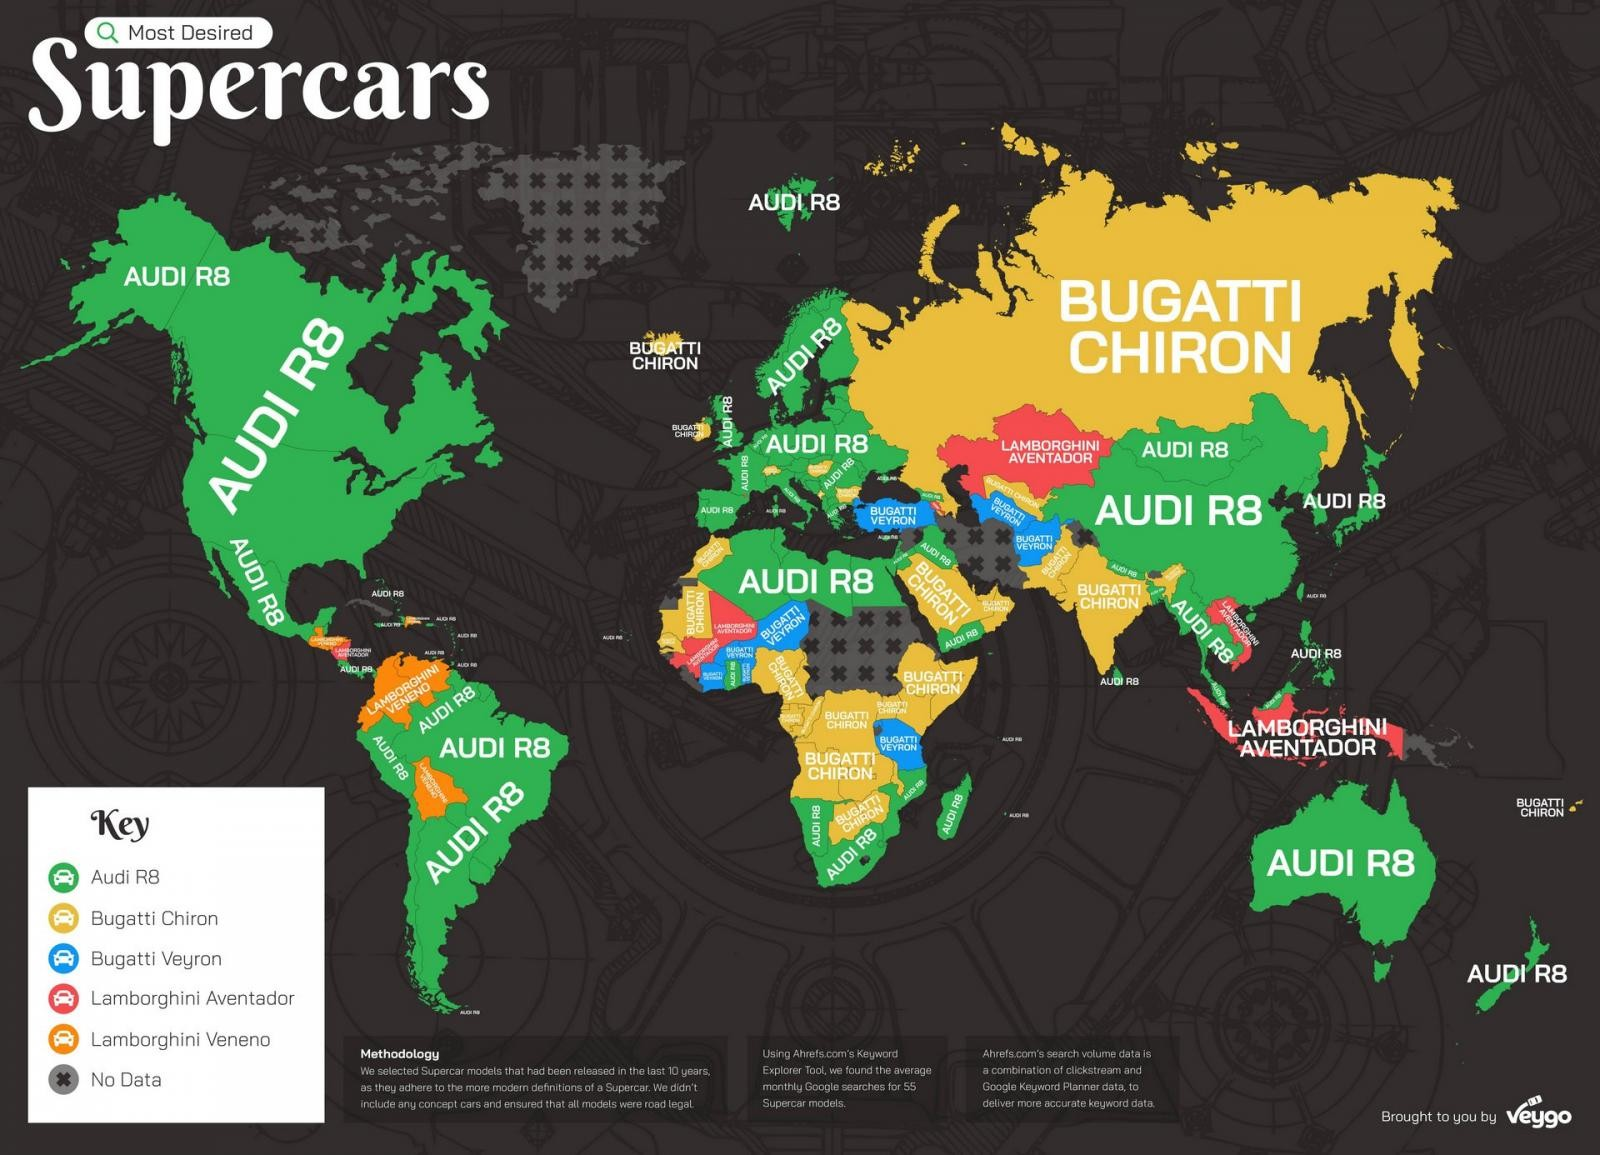 Các mẫu siêu xe được khao khát nhất ở từng nước trên thế giới